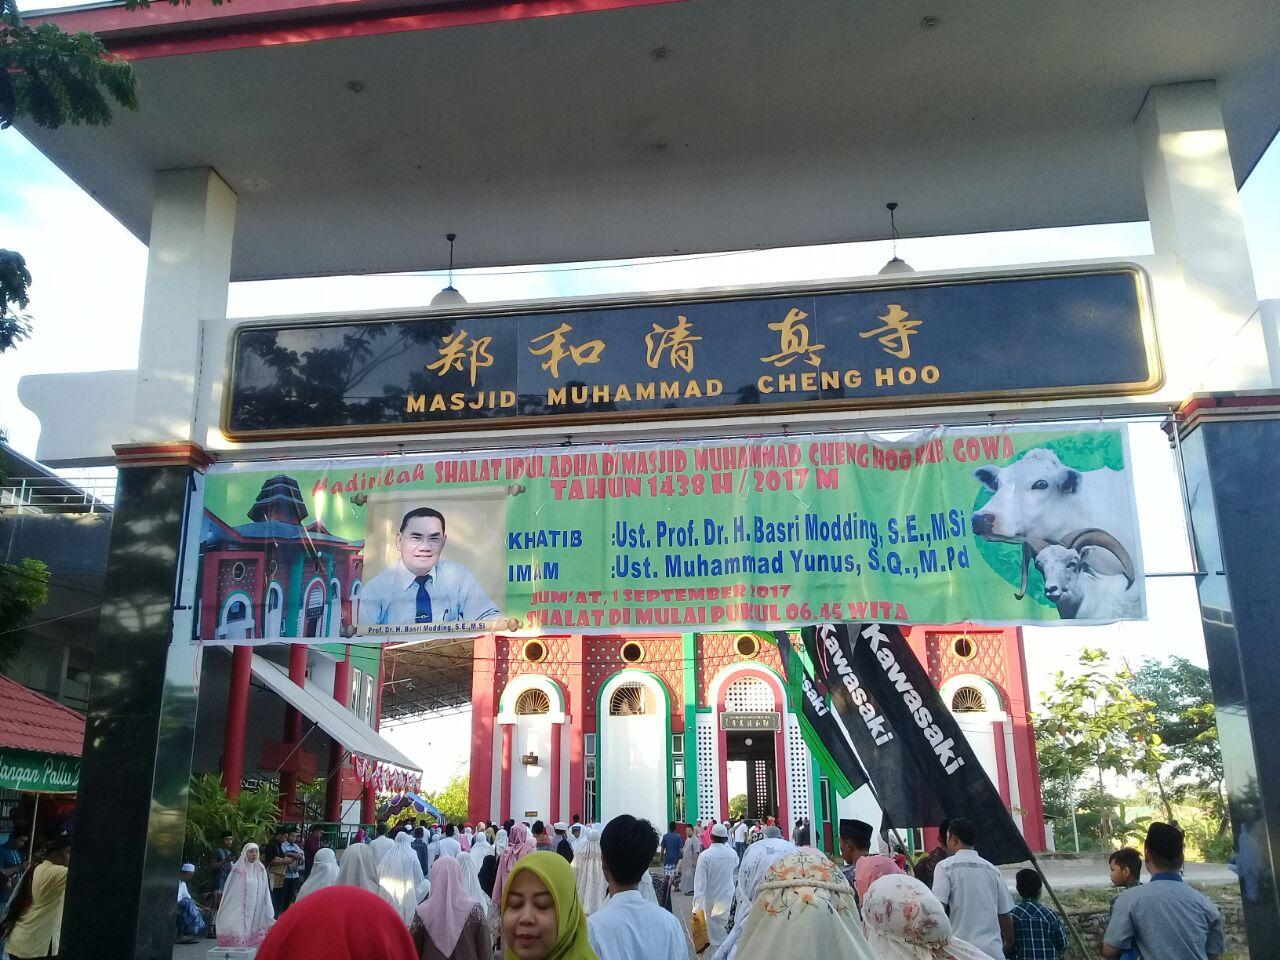 Direktur Pps Umi Makassar Shalat Idul Adha 1438 Hijriah Masjid